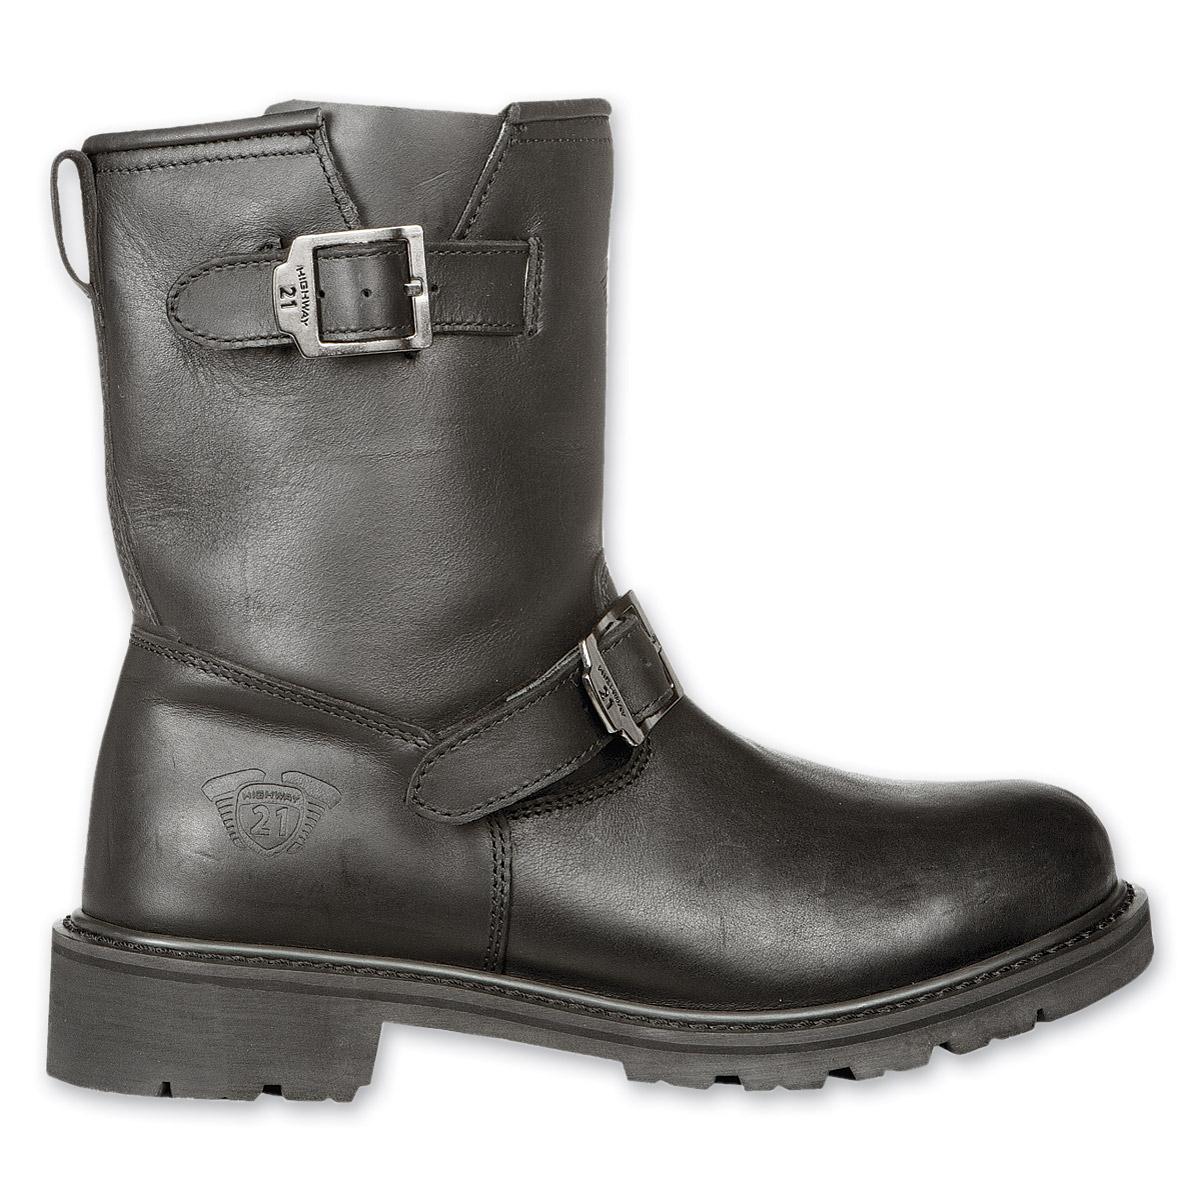 Highway 21 Men's Primary Engineer Low Black Boots